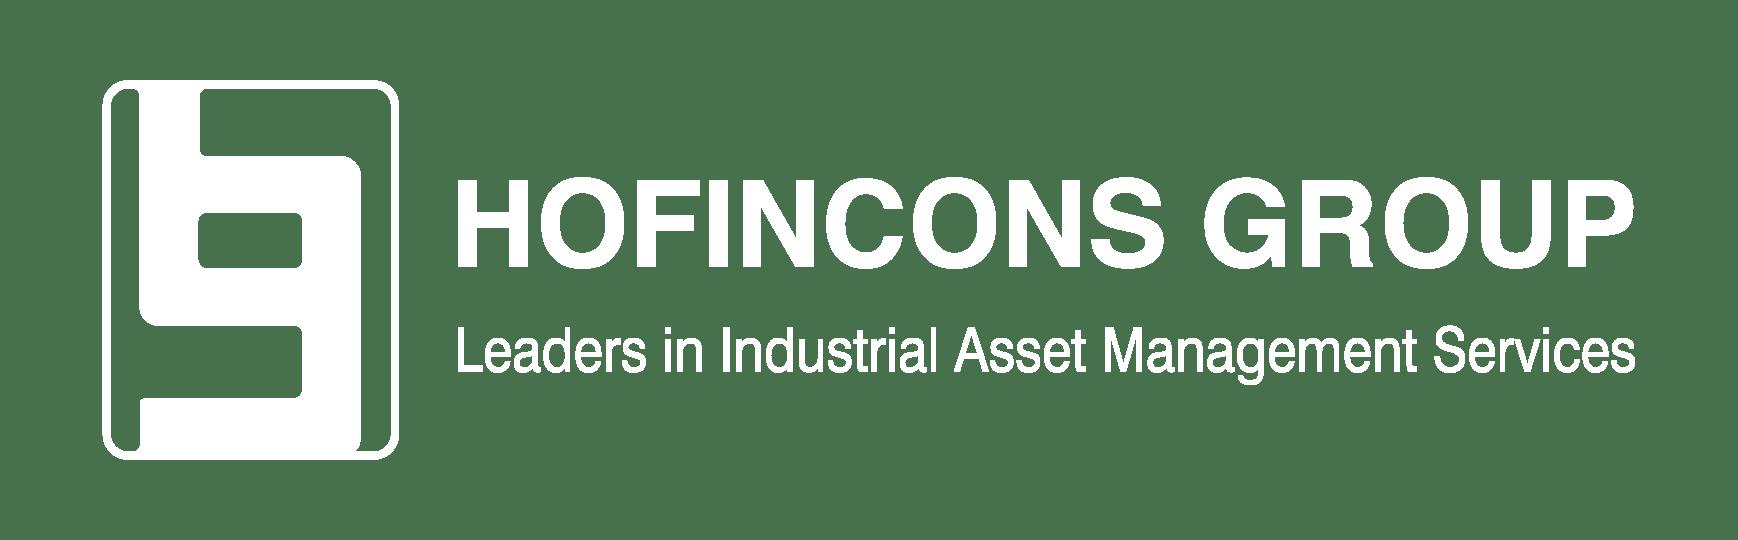 Hofincons Group